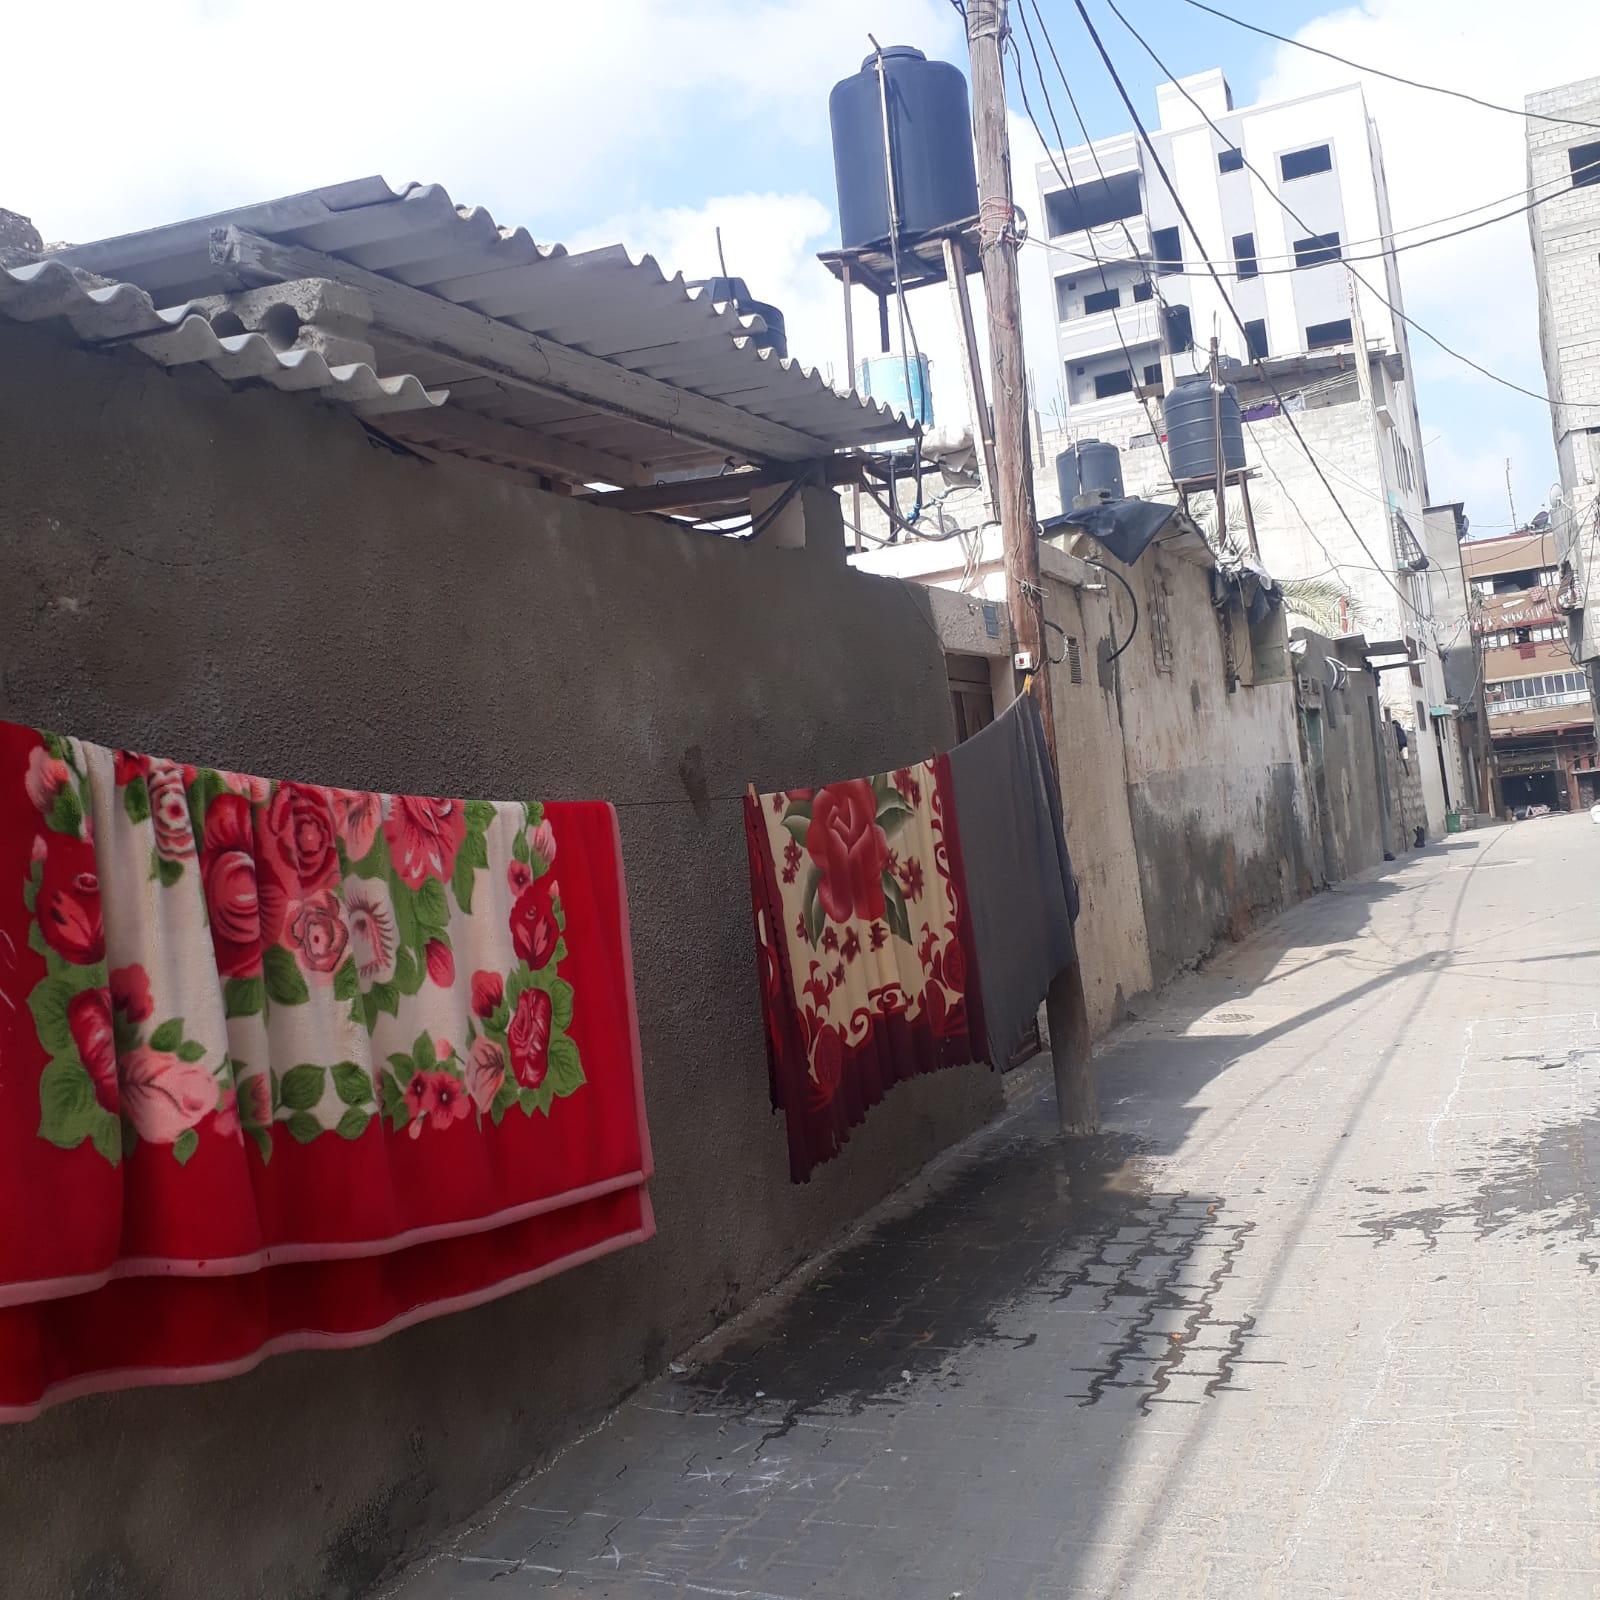 הרובע היהודי בעזה. צילום: לילא עבד אל נור